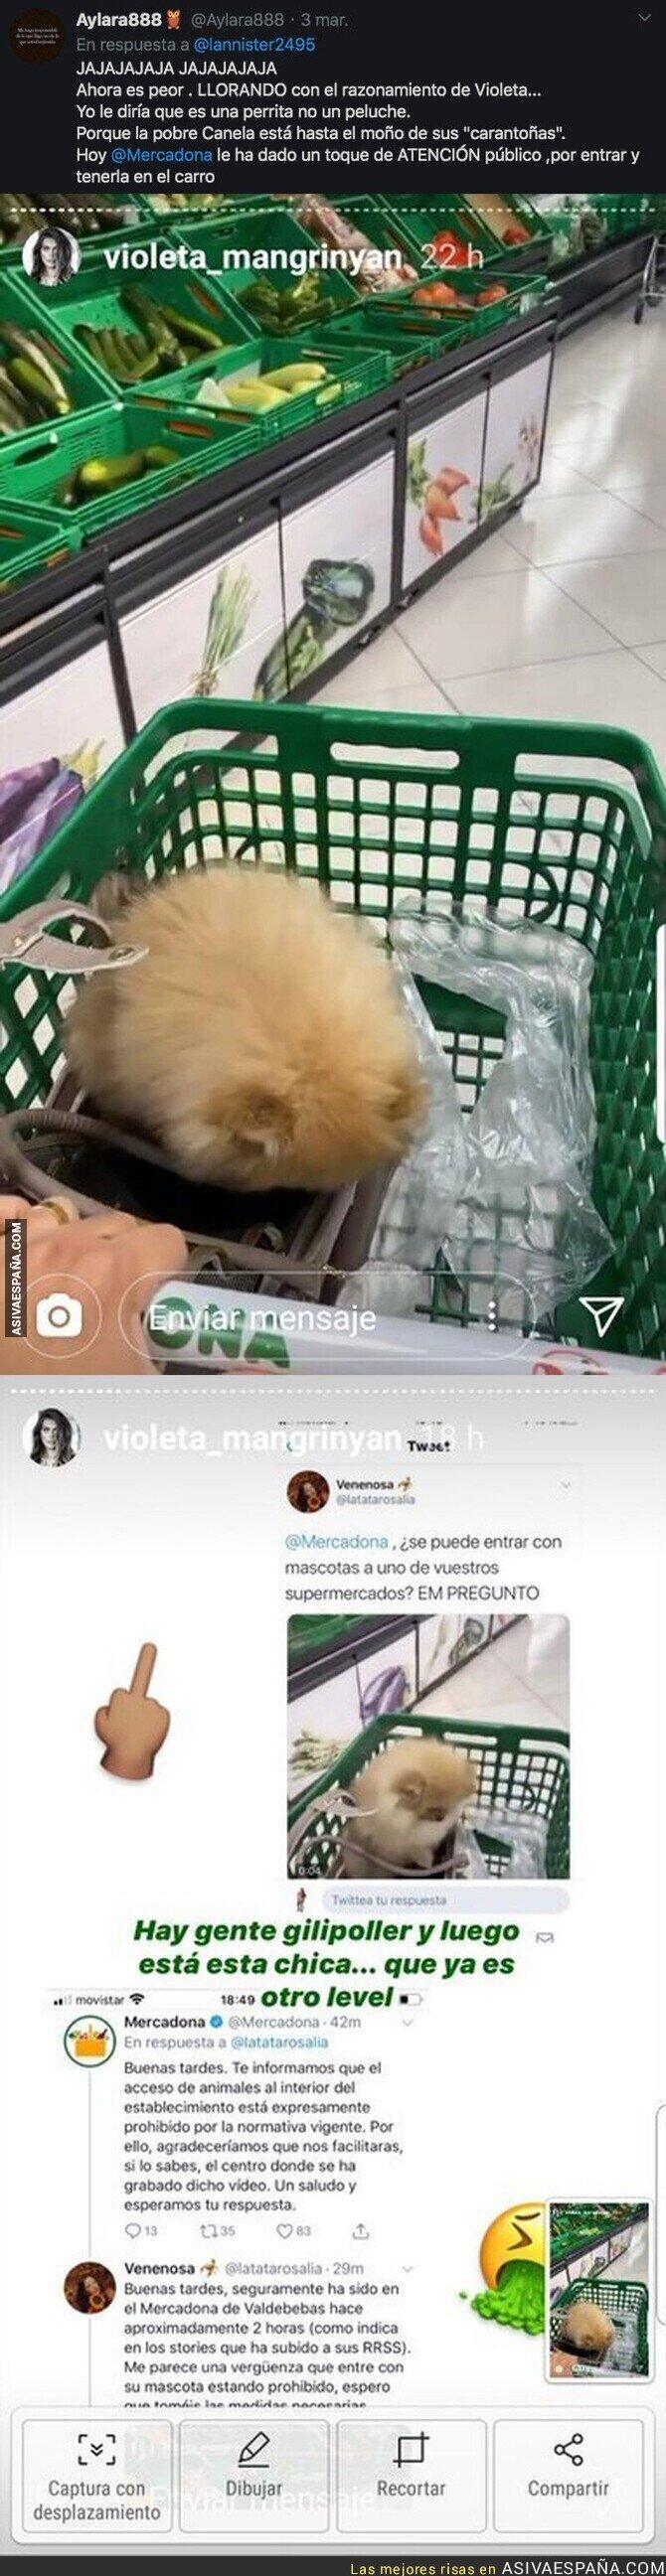 136965 - Violeta Magriñán, la lía en un Mercadona haciendo esto con su perrito y encima se lía a insultos